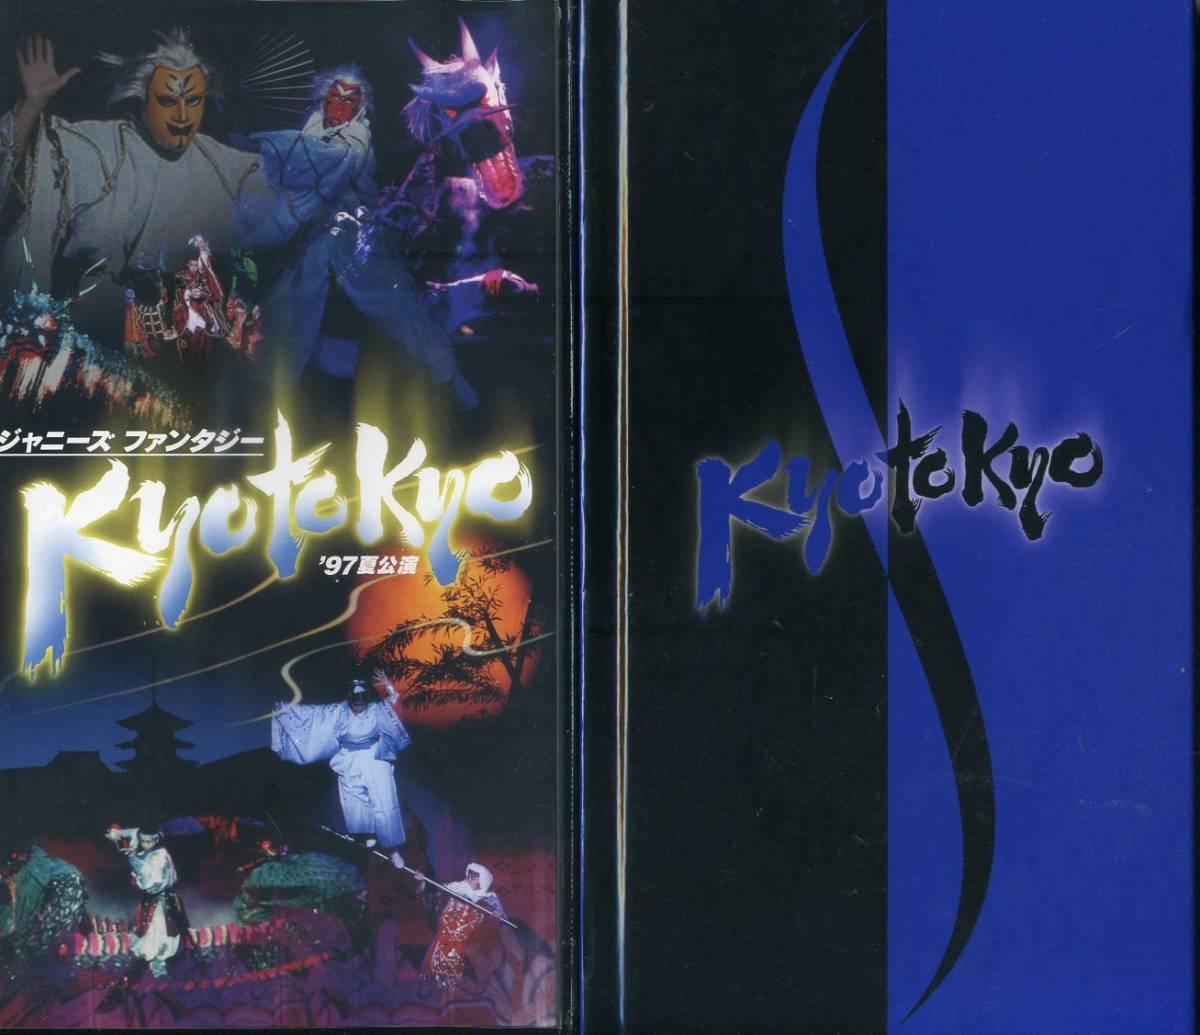 即決〈同梱歓迎〉VHS 付属品完品 ジャニーズ・ファンタジー KYO TO KYO 97夏公演 ビデオ◎その他多数出品中∞704_画像1